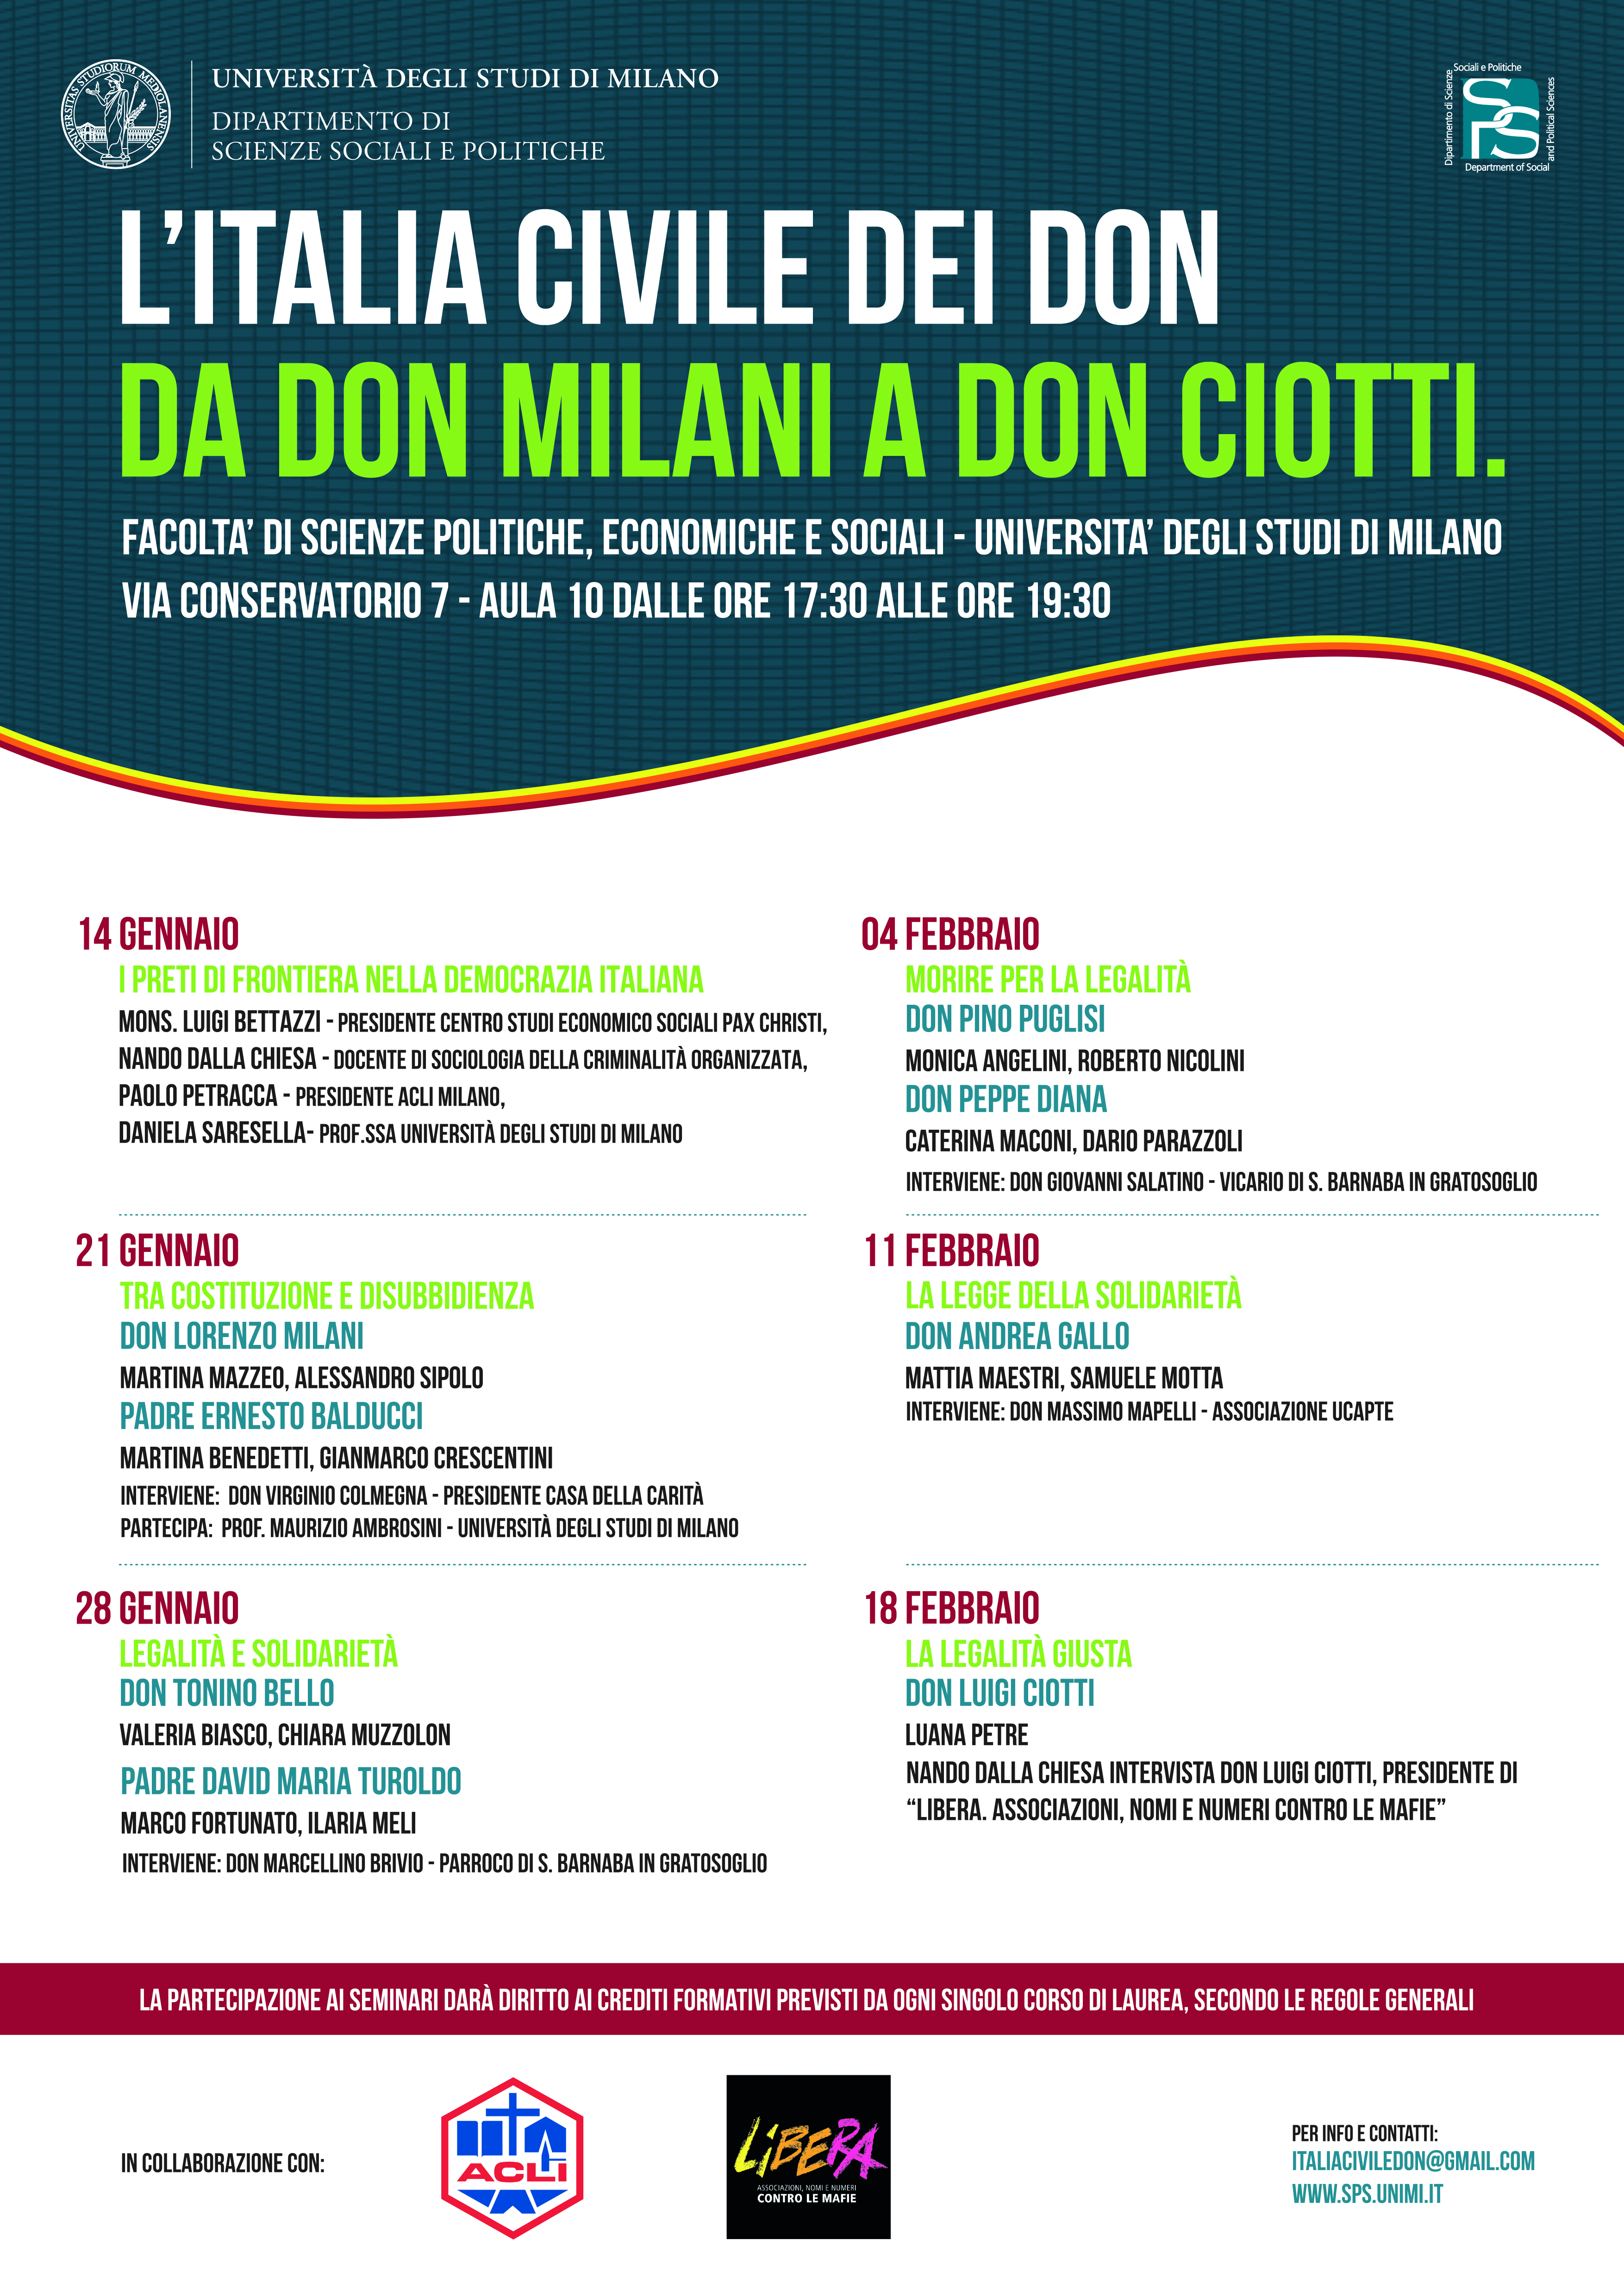 L'Italia civile dei don, da don Milani a don Ciotti